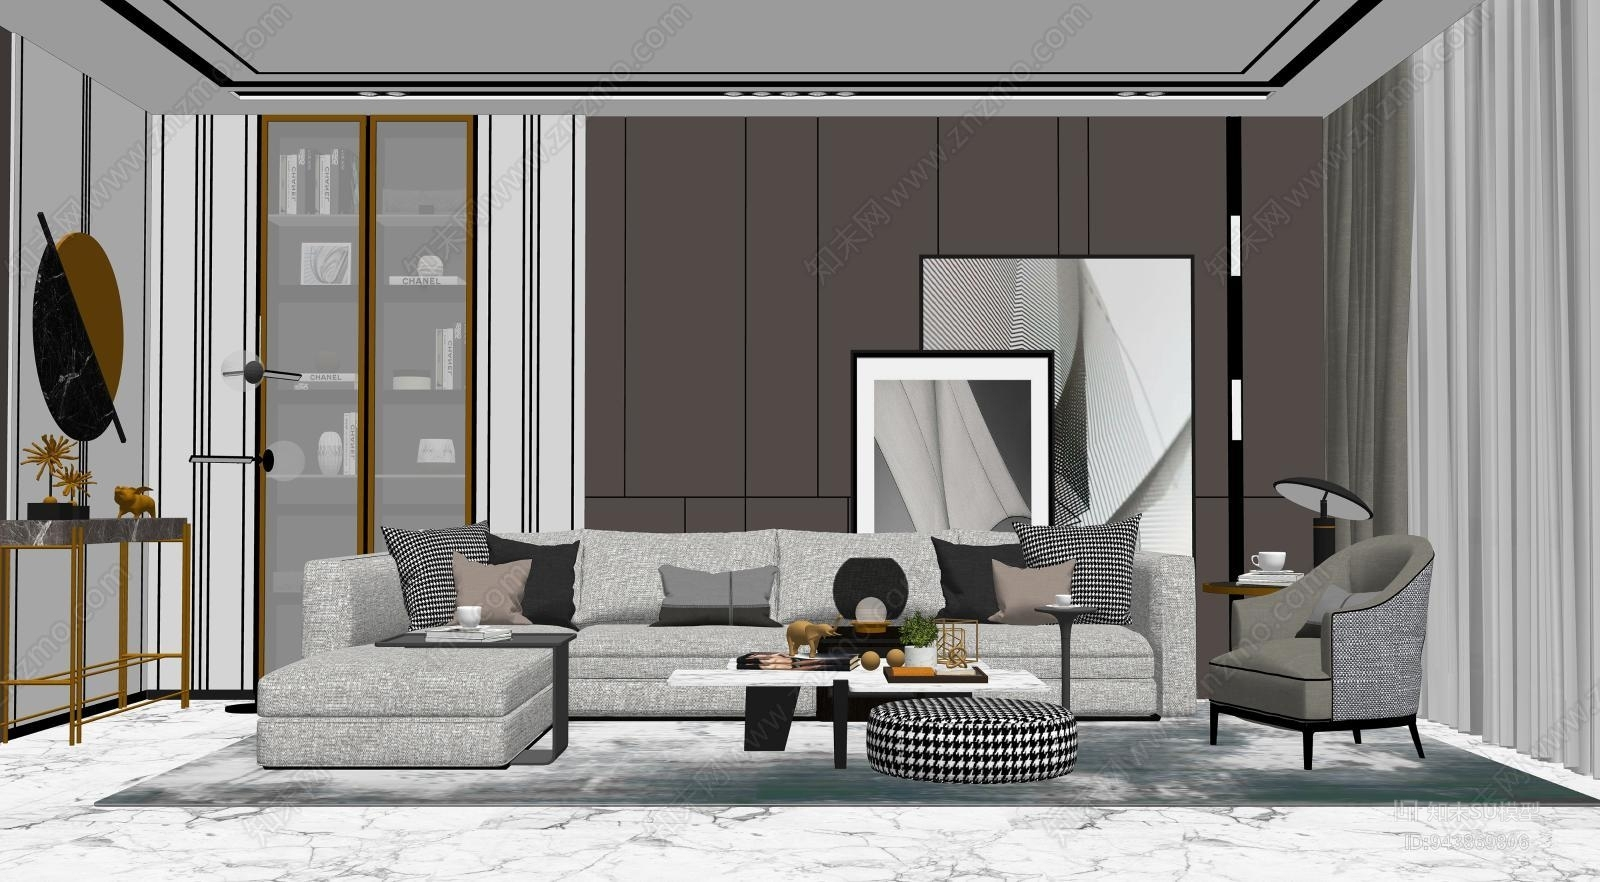 现代奢华客厅 沙发 玄关柜 茶几 休闲椅 画